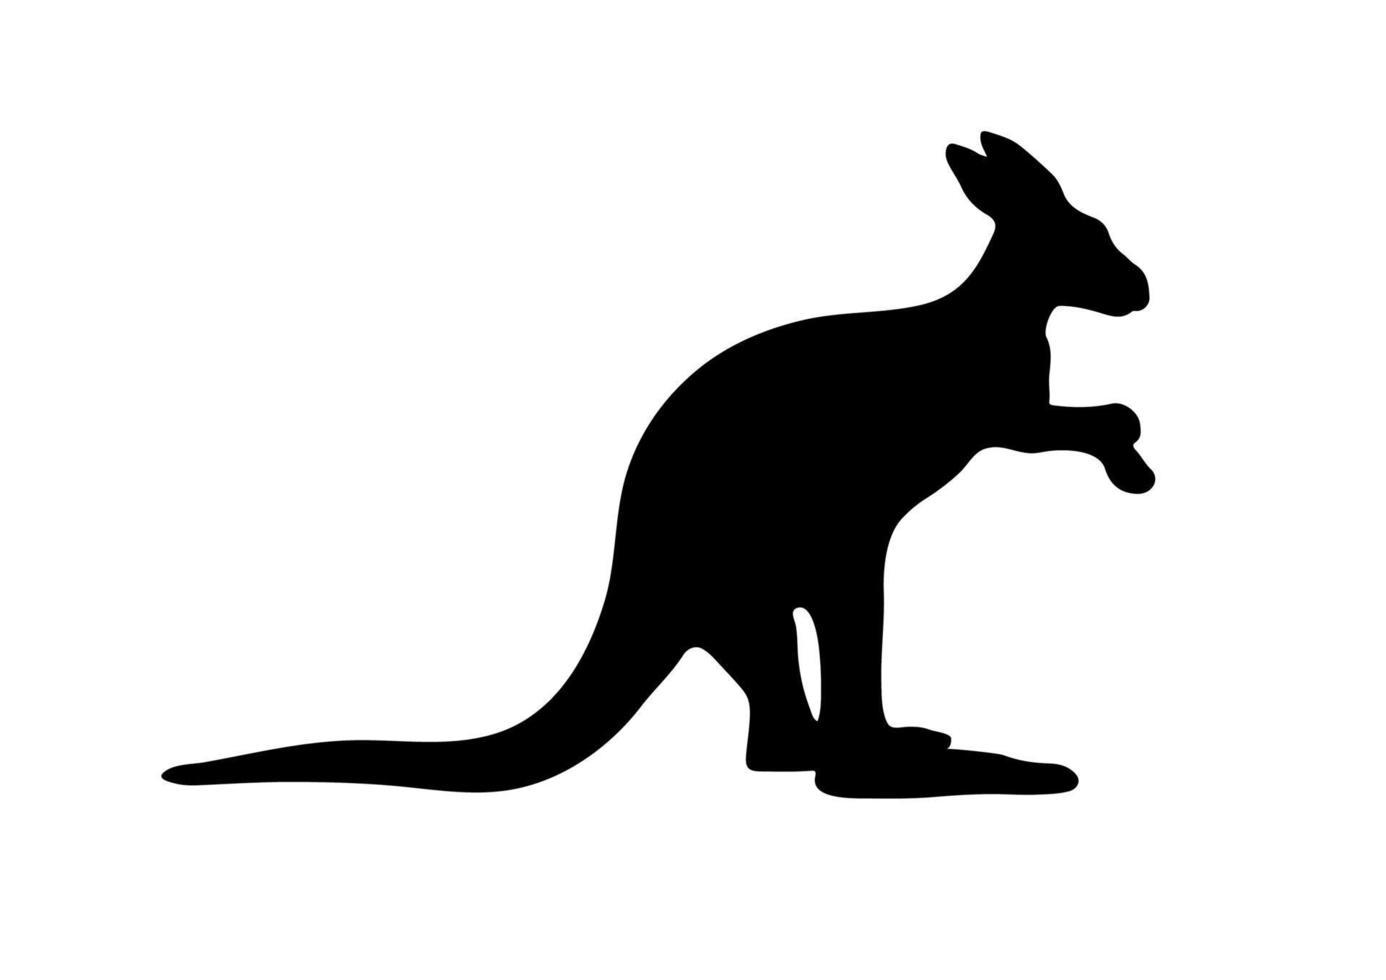 sagoma nera di un canguro australiano su sfondo bianco. vettore